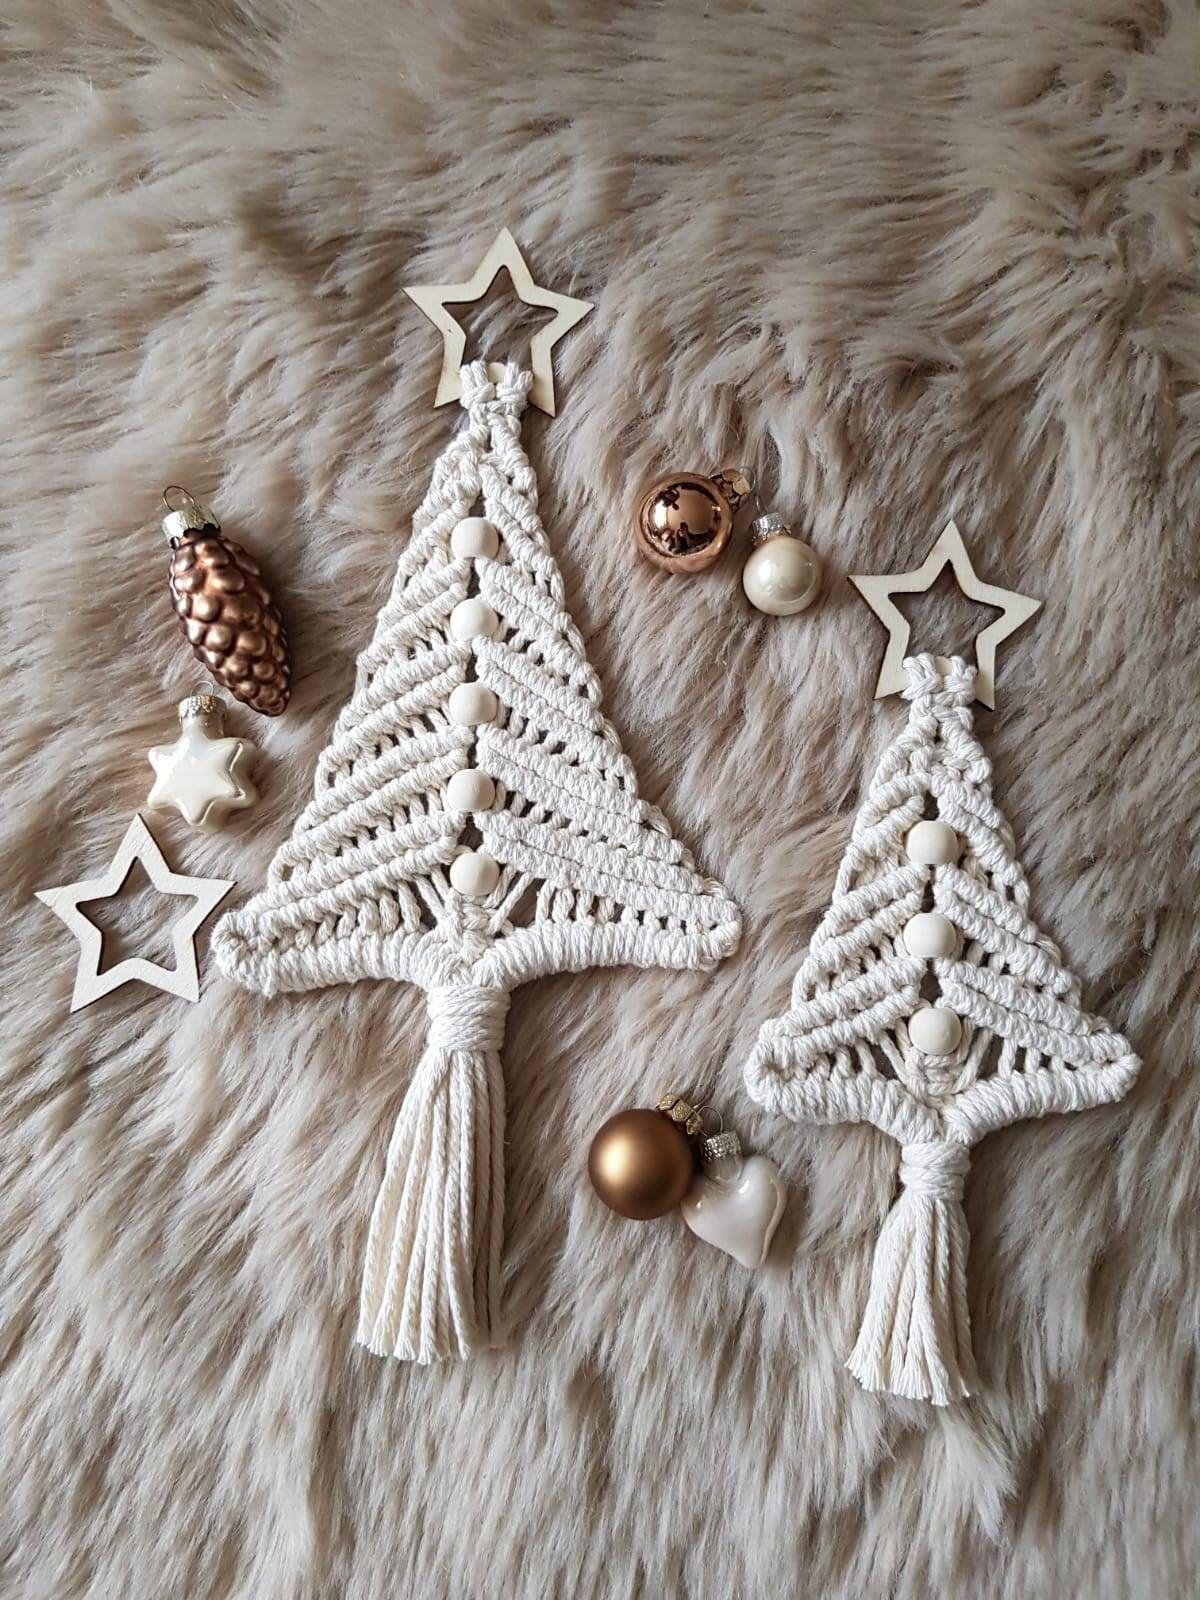 Weihnachtsbaum / Makramee Baum / Christmas Tree / Weihnachtsgeschenk / Wandbehang / Weihnachten / Boho / Weihnachtsdeko